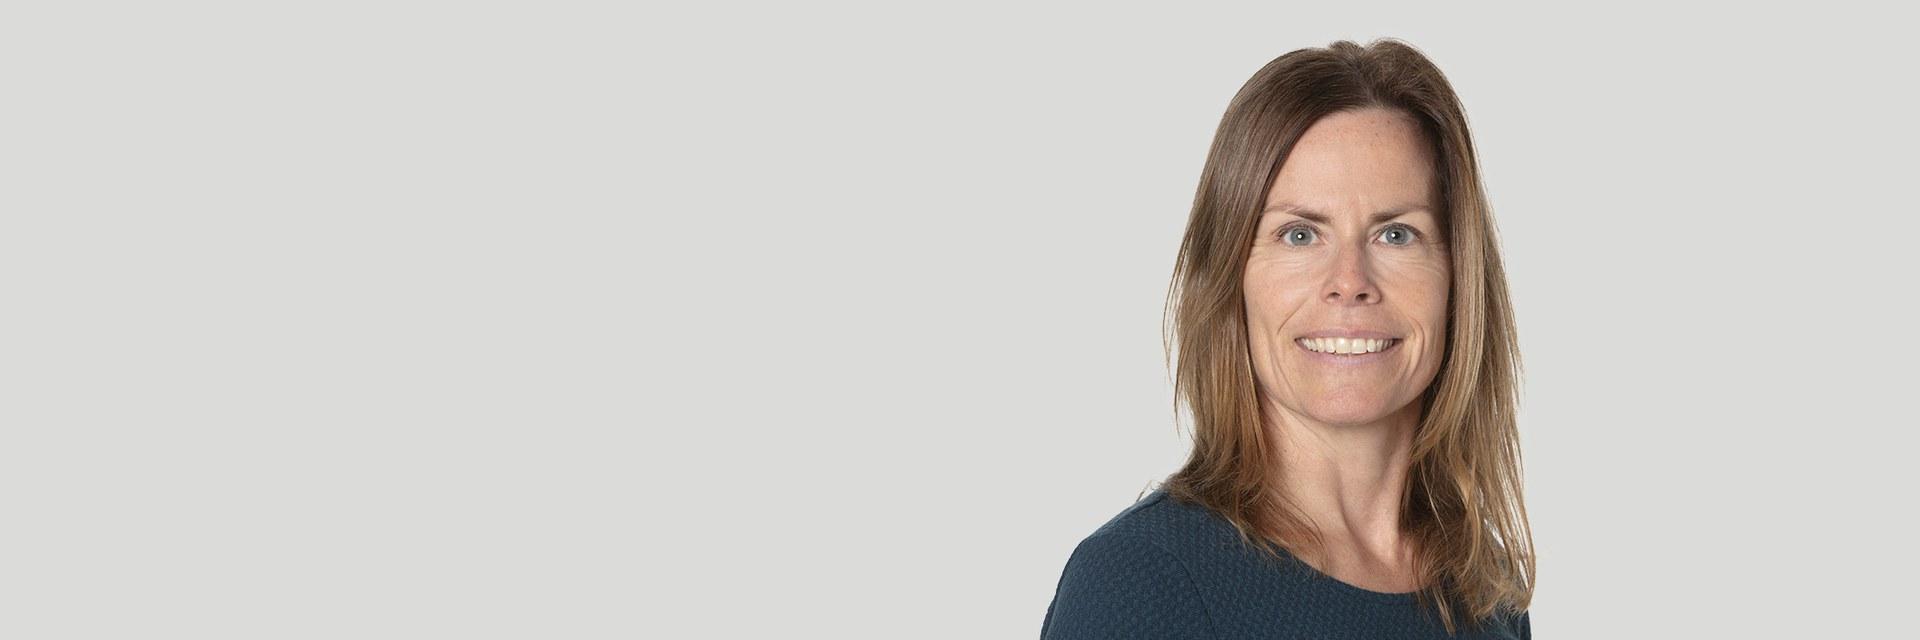 Andrea Zumbrunn, MA